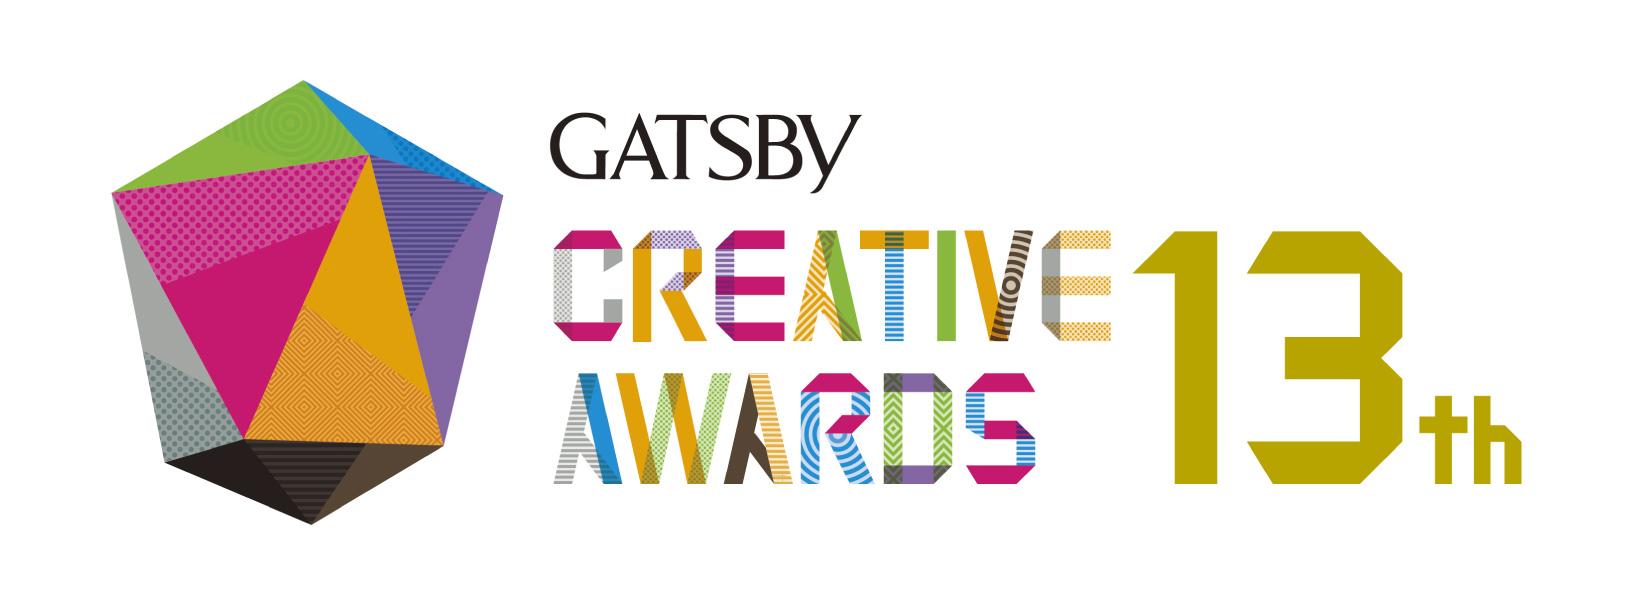 記事「アジア最大級のクリエイティブアワード「GATSBY CREATIVE AWARDS 13th」作品受付開始!」の画像